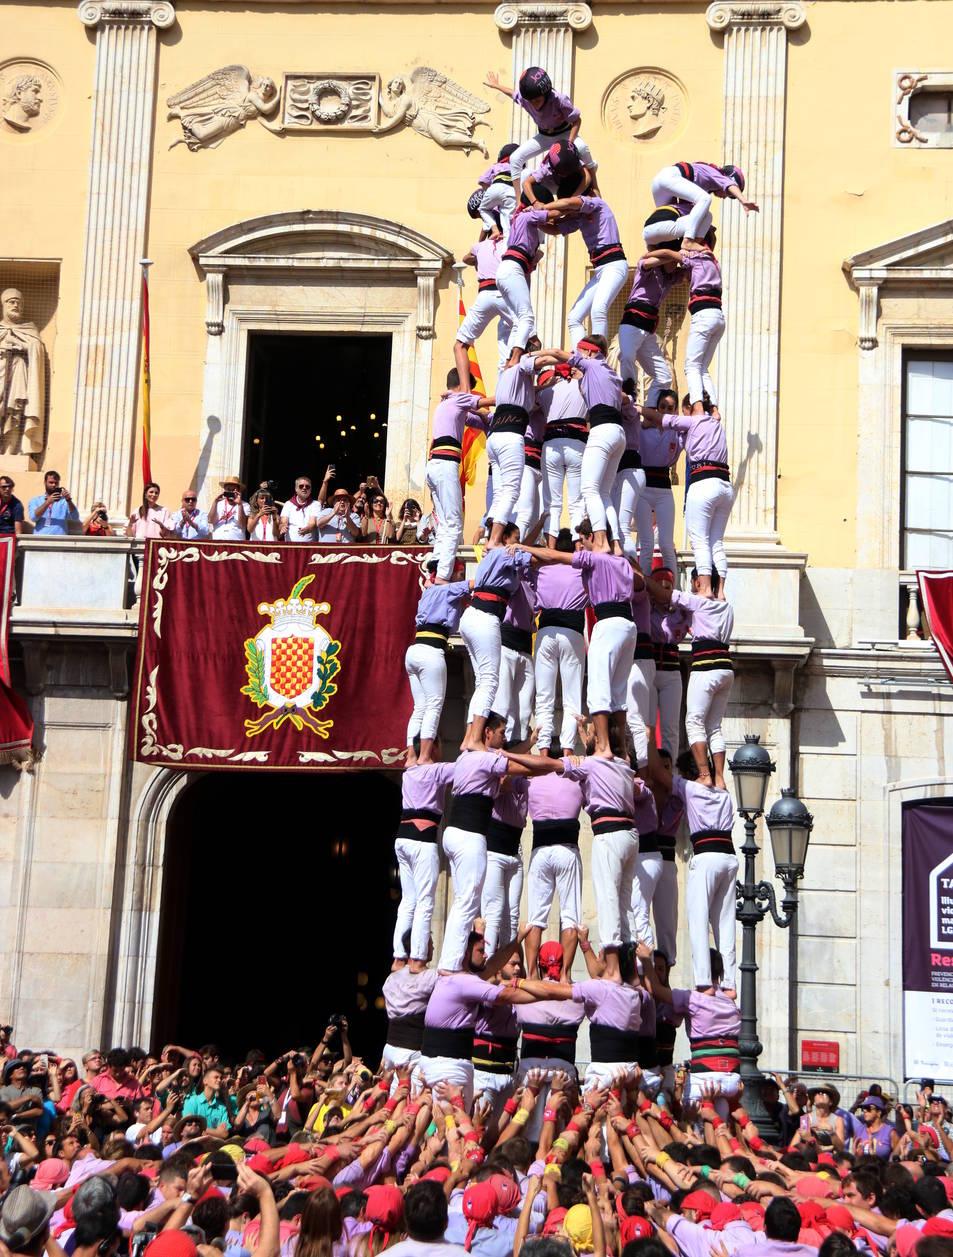 Imatge del 9d8 descarregat per la Colla Jove dels Xiquets de Tarragona, el 15 de setembre del 2019